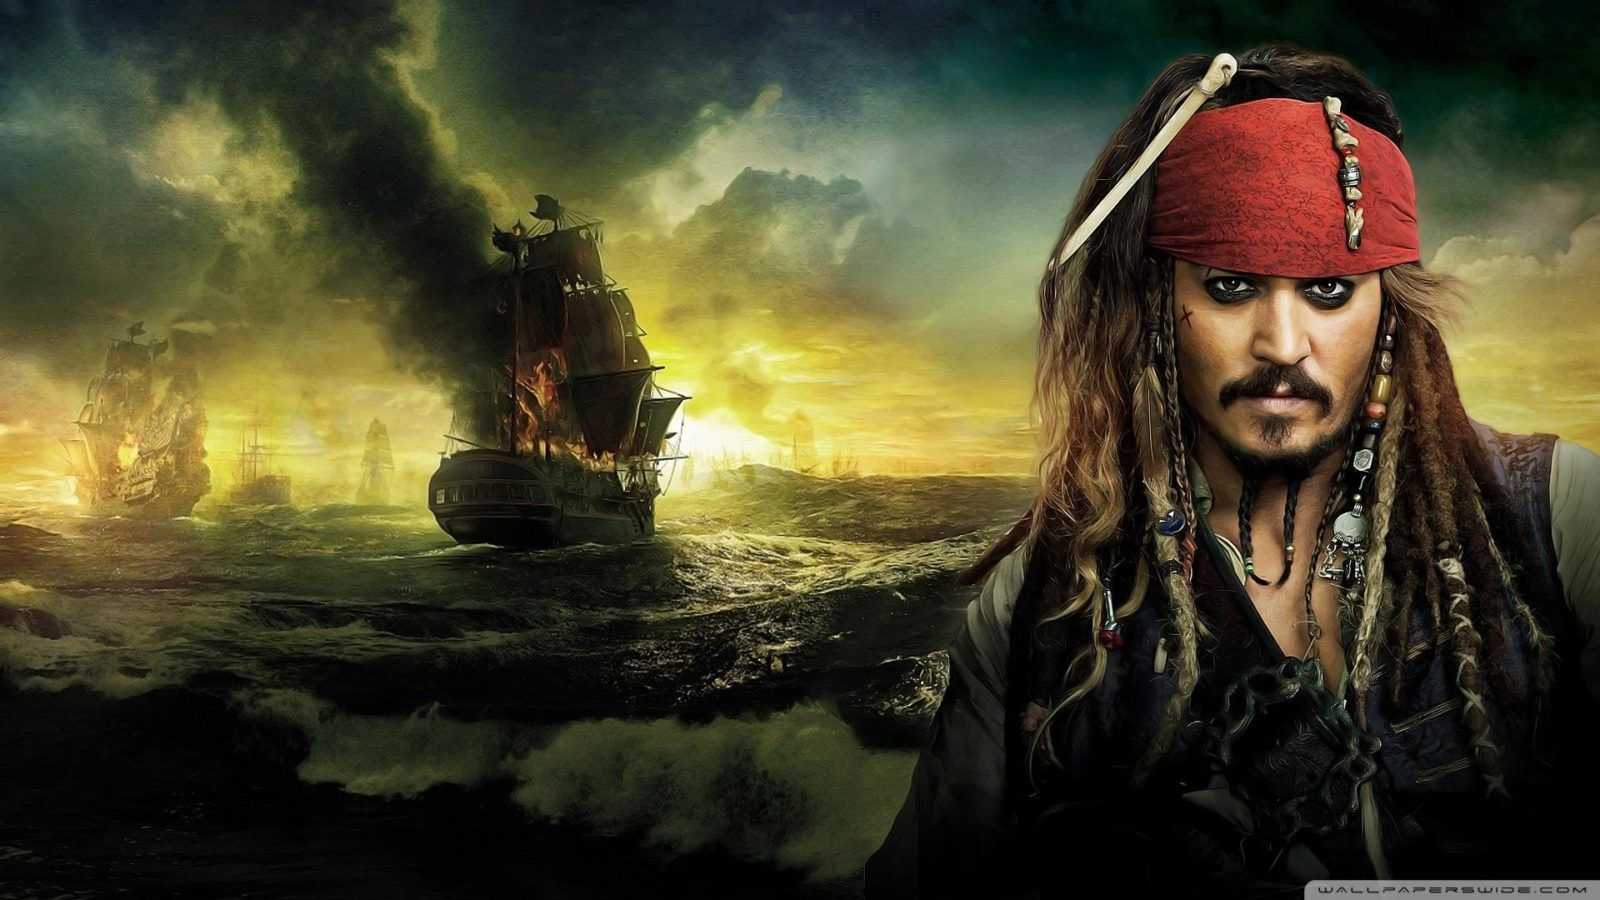 Pirati dei Caraibi: Johnny Depp è stato escluso dal franchise